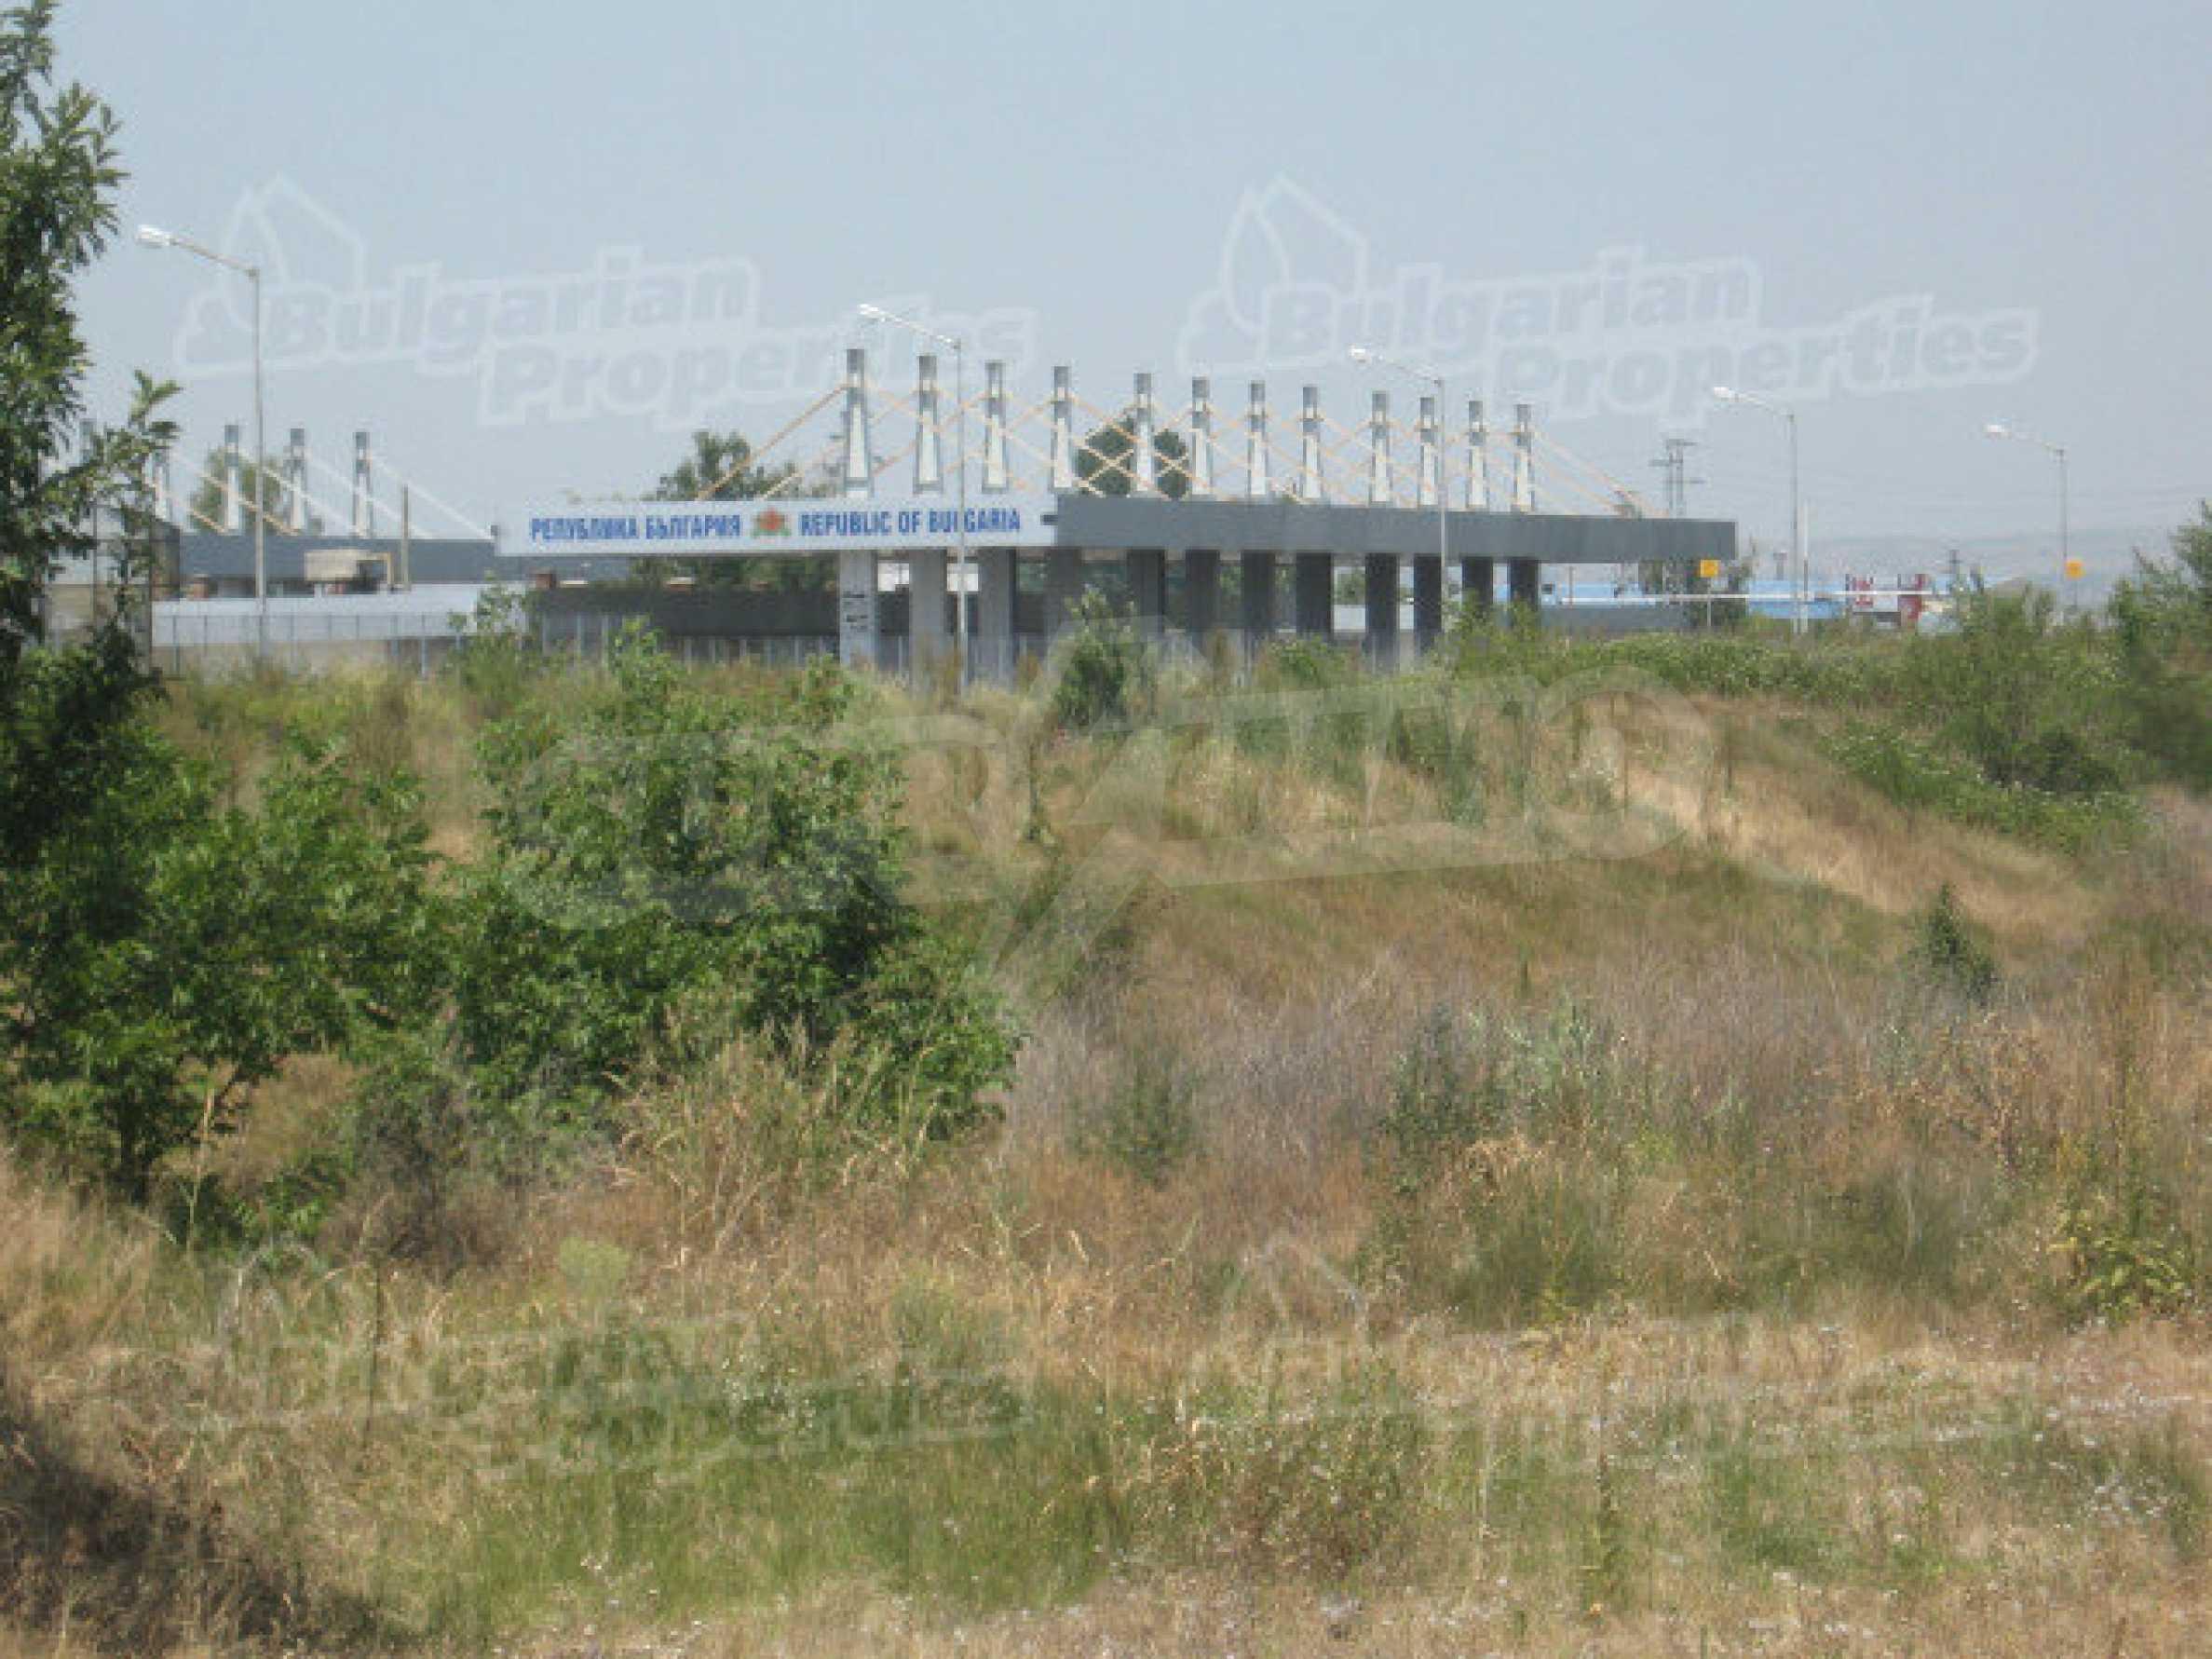 Umfangreiches Investitionsgrundstück nahe der Donaubrücke 2 8